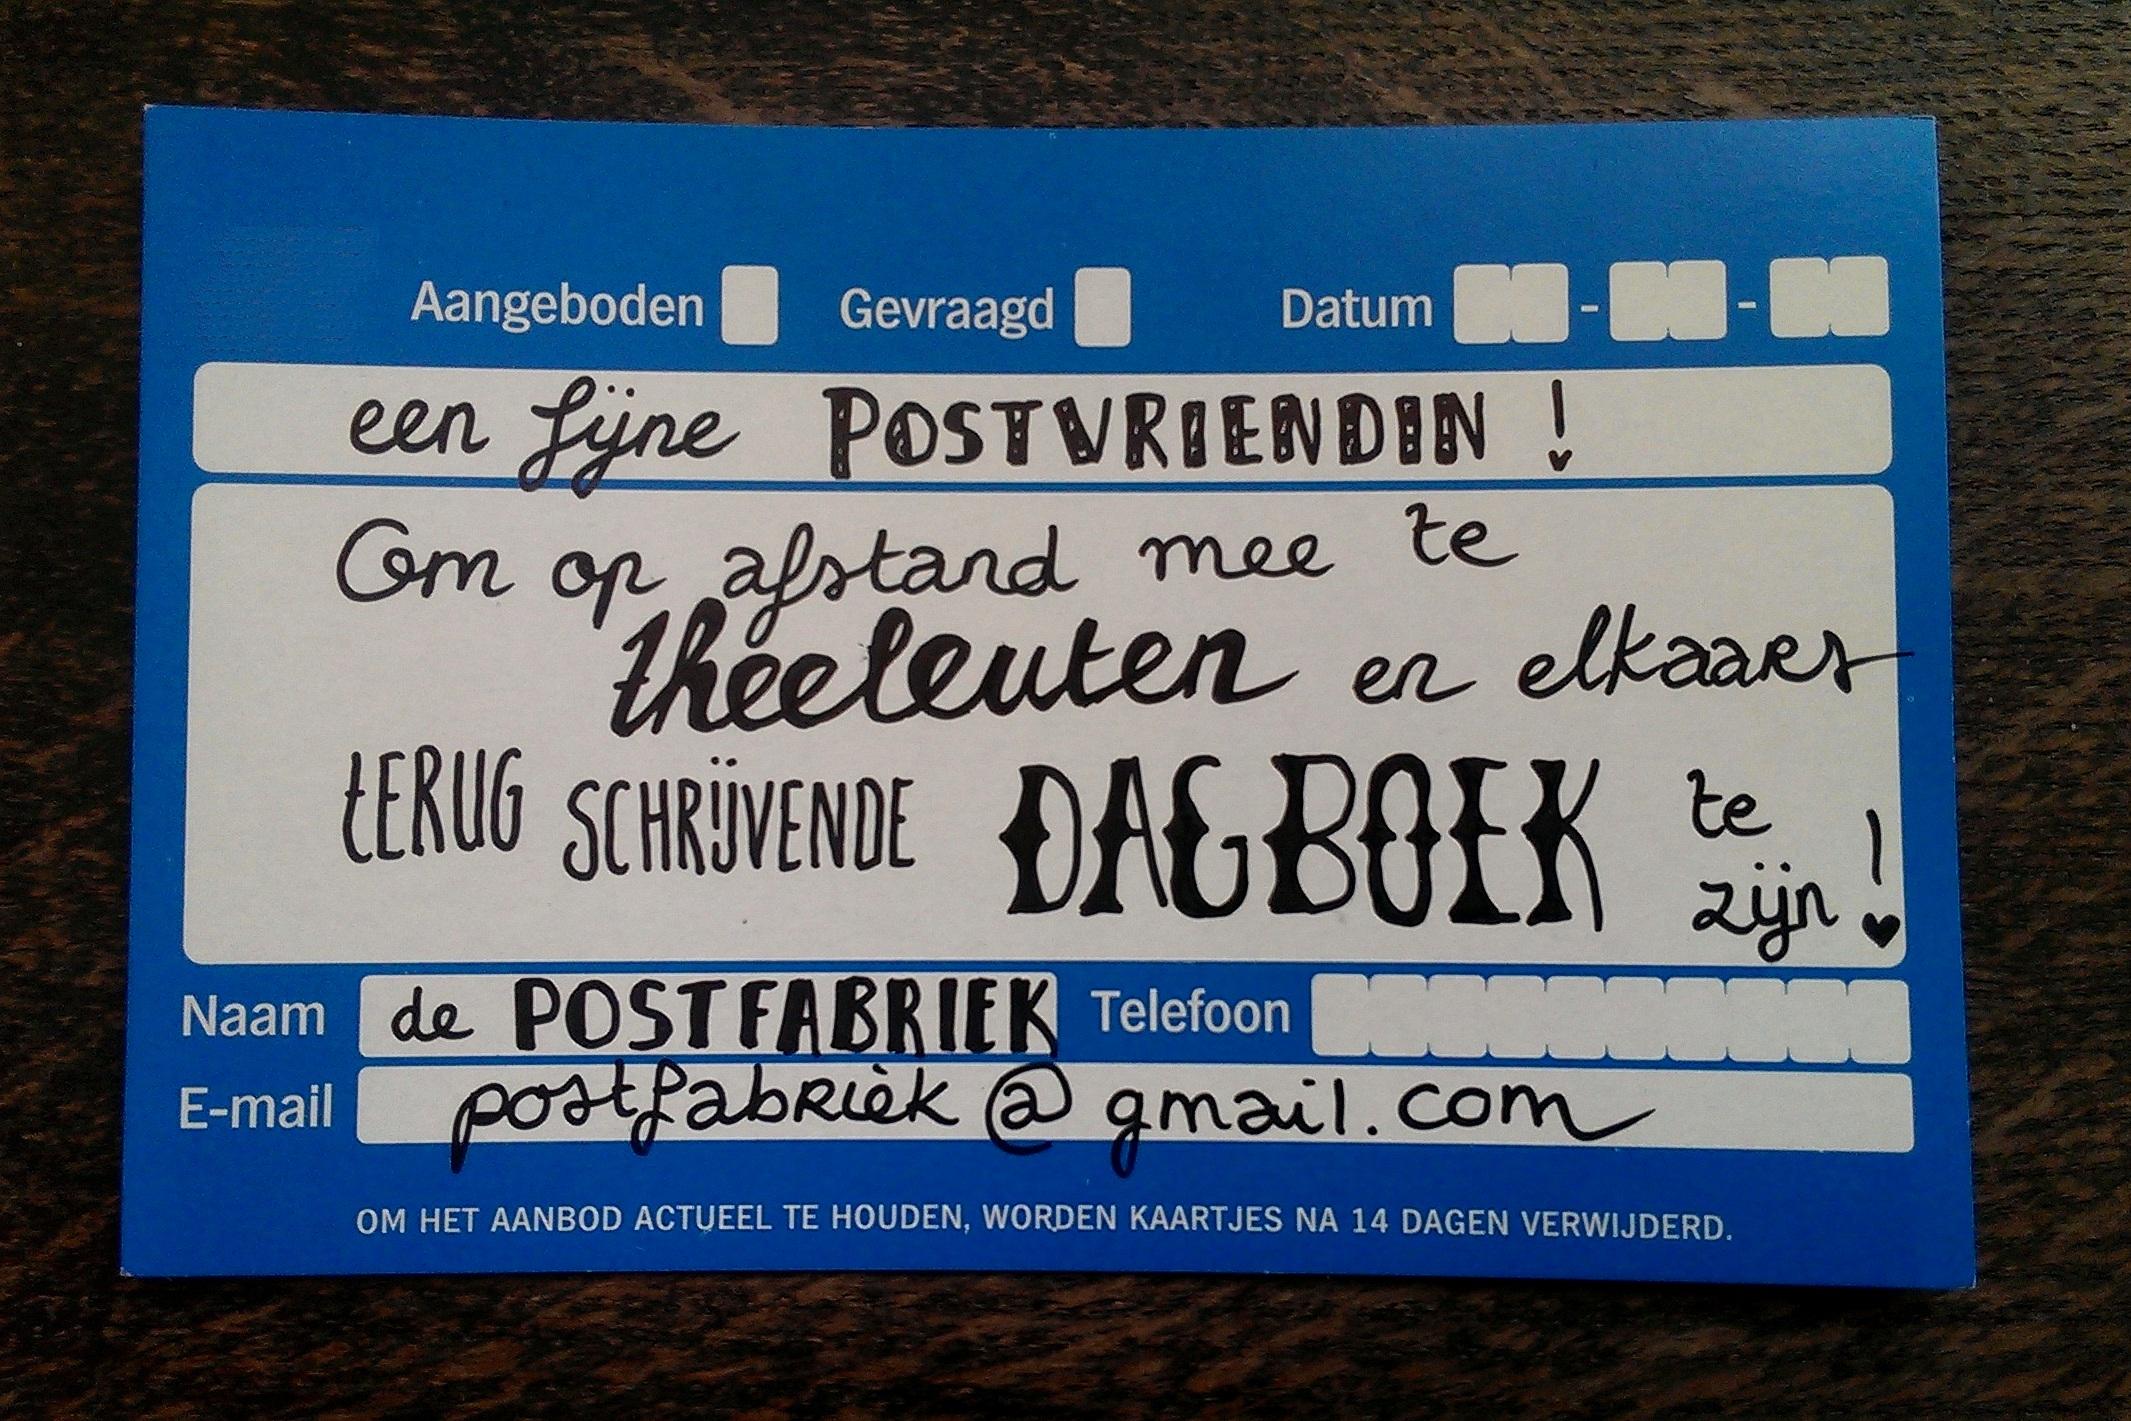 Op zoek naar postvrienden? Bij de Postfabriek kan je een oproepje plaatsen!